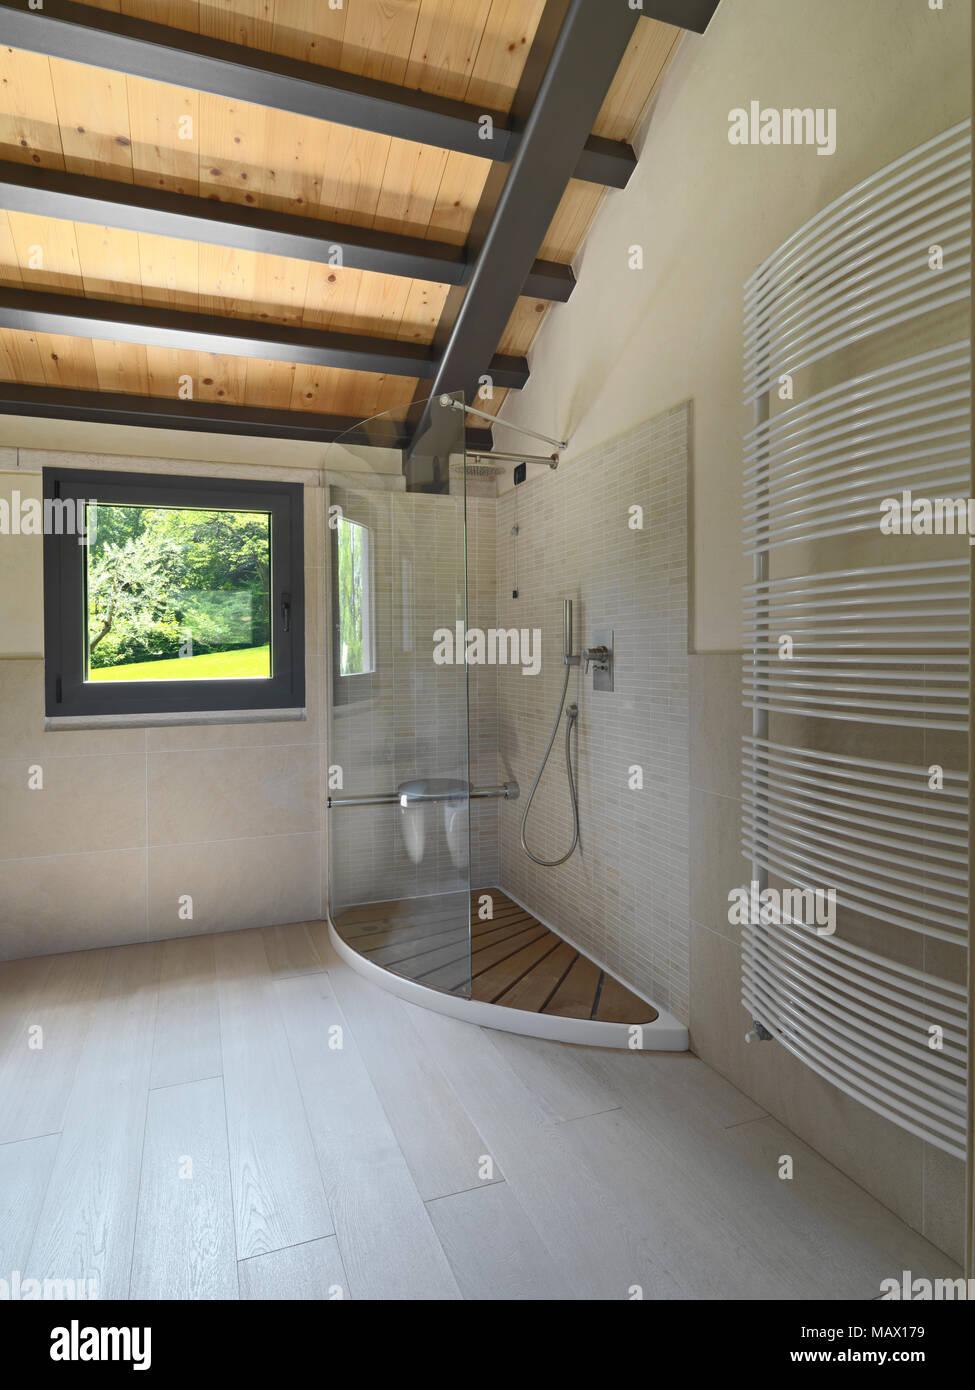 Photos de l'intérieur d'une salle de bains moderne, à l'avant-plan comptoir ronde vasque sur l'en haut en arrière-plan le bidet et la cuvette des toilettes le Photo Stock